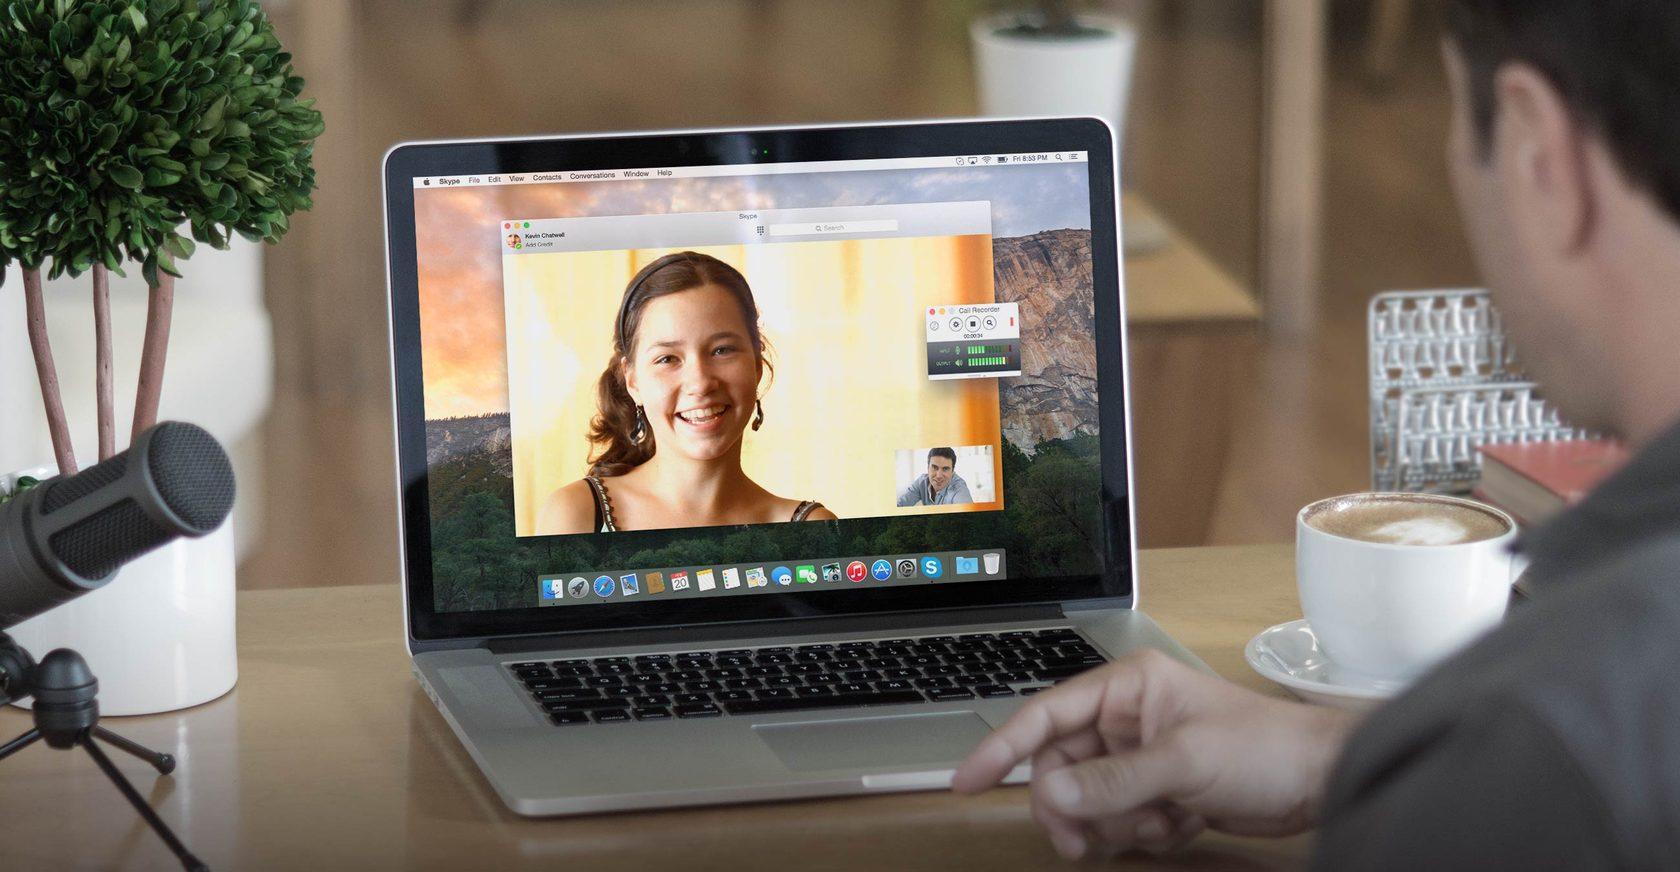 Онлайн общение с девушками через скайп, эротический плейбой фото